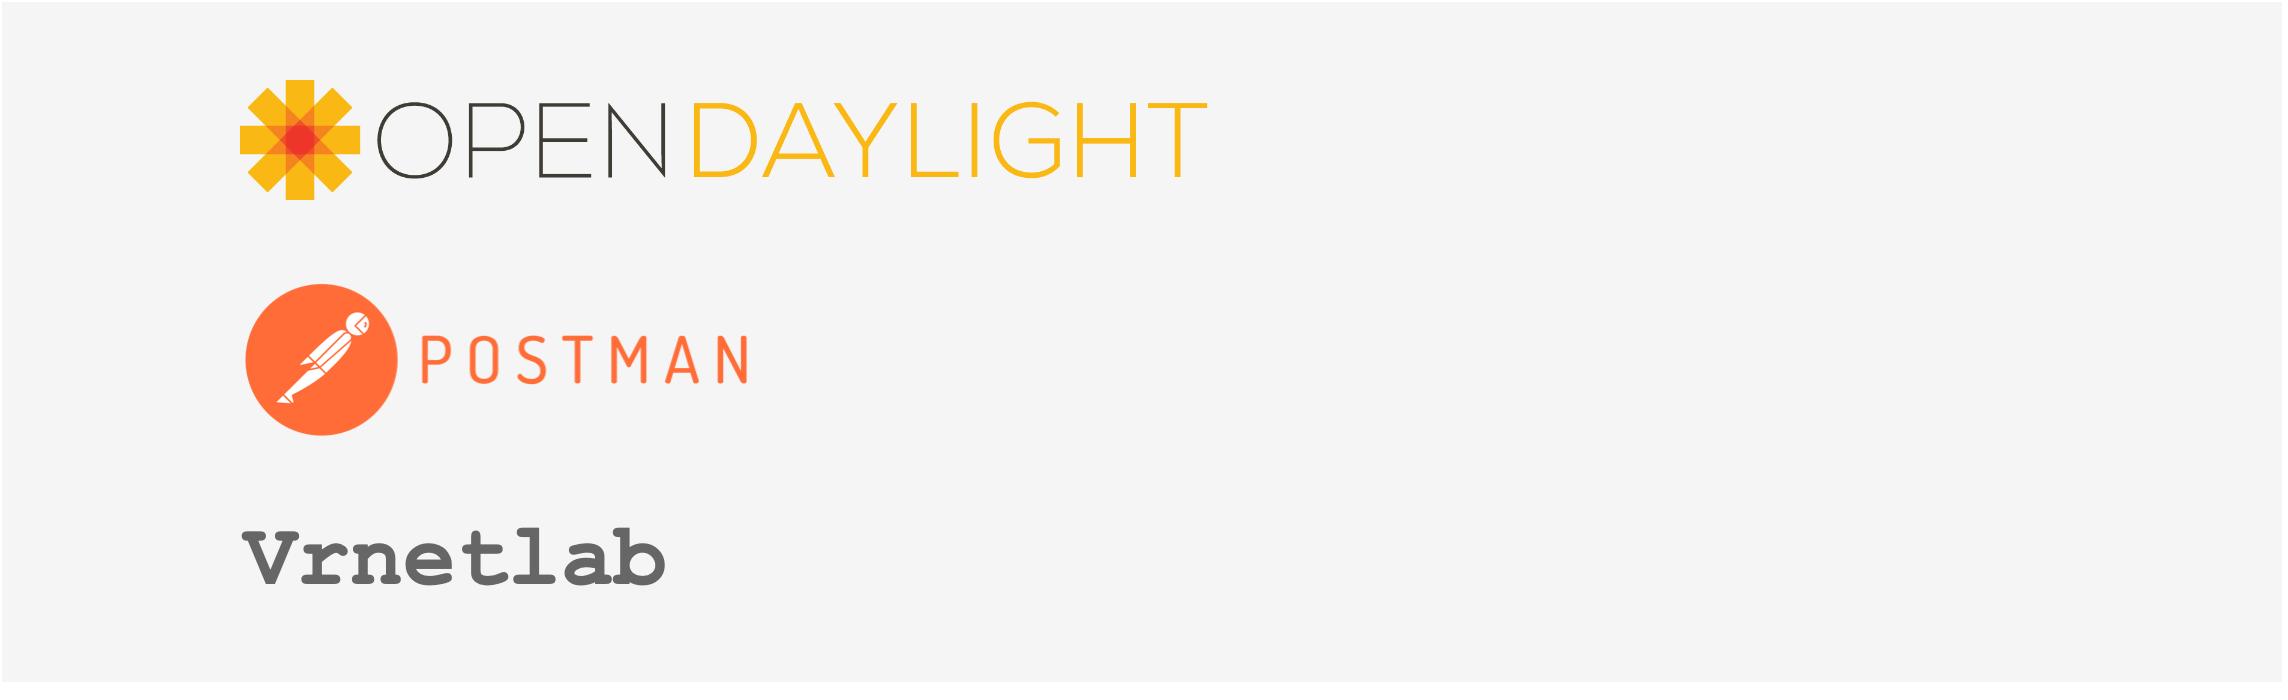 Автоматизация сетевых сервисов или как собрать виртуальную лабораторию при помощи OpenDaylight, Postman и Vrnetlab